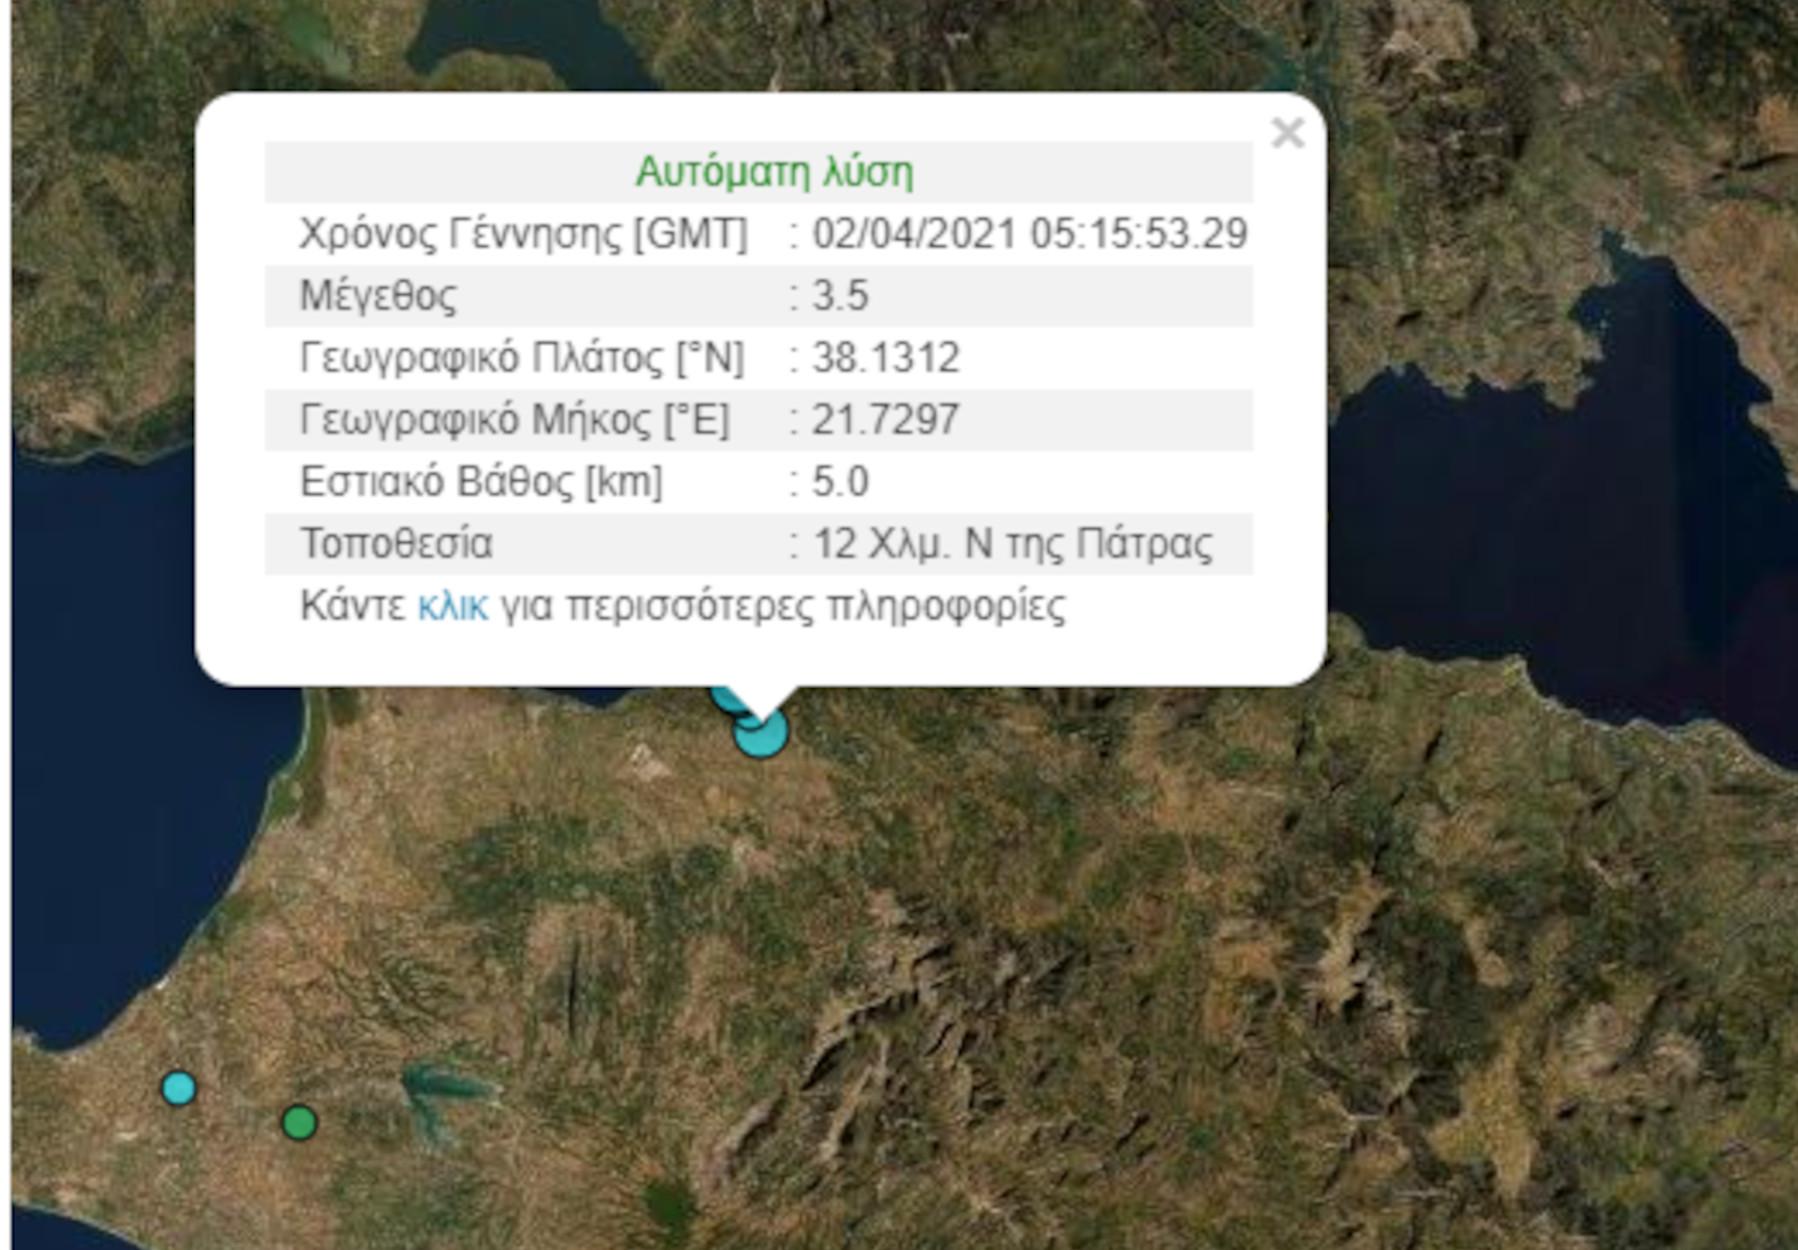 Πάτρα: Απανωτοί σεισμοί μέσα σε λίγη ώρα